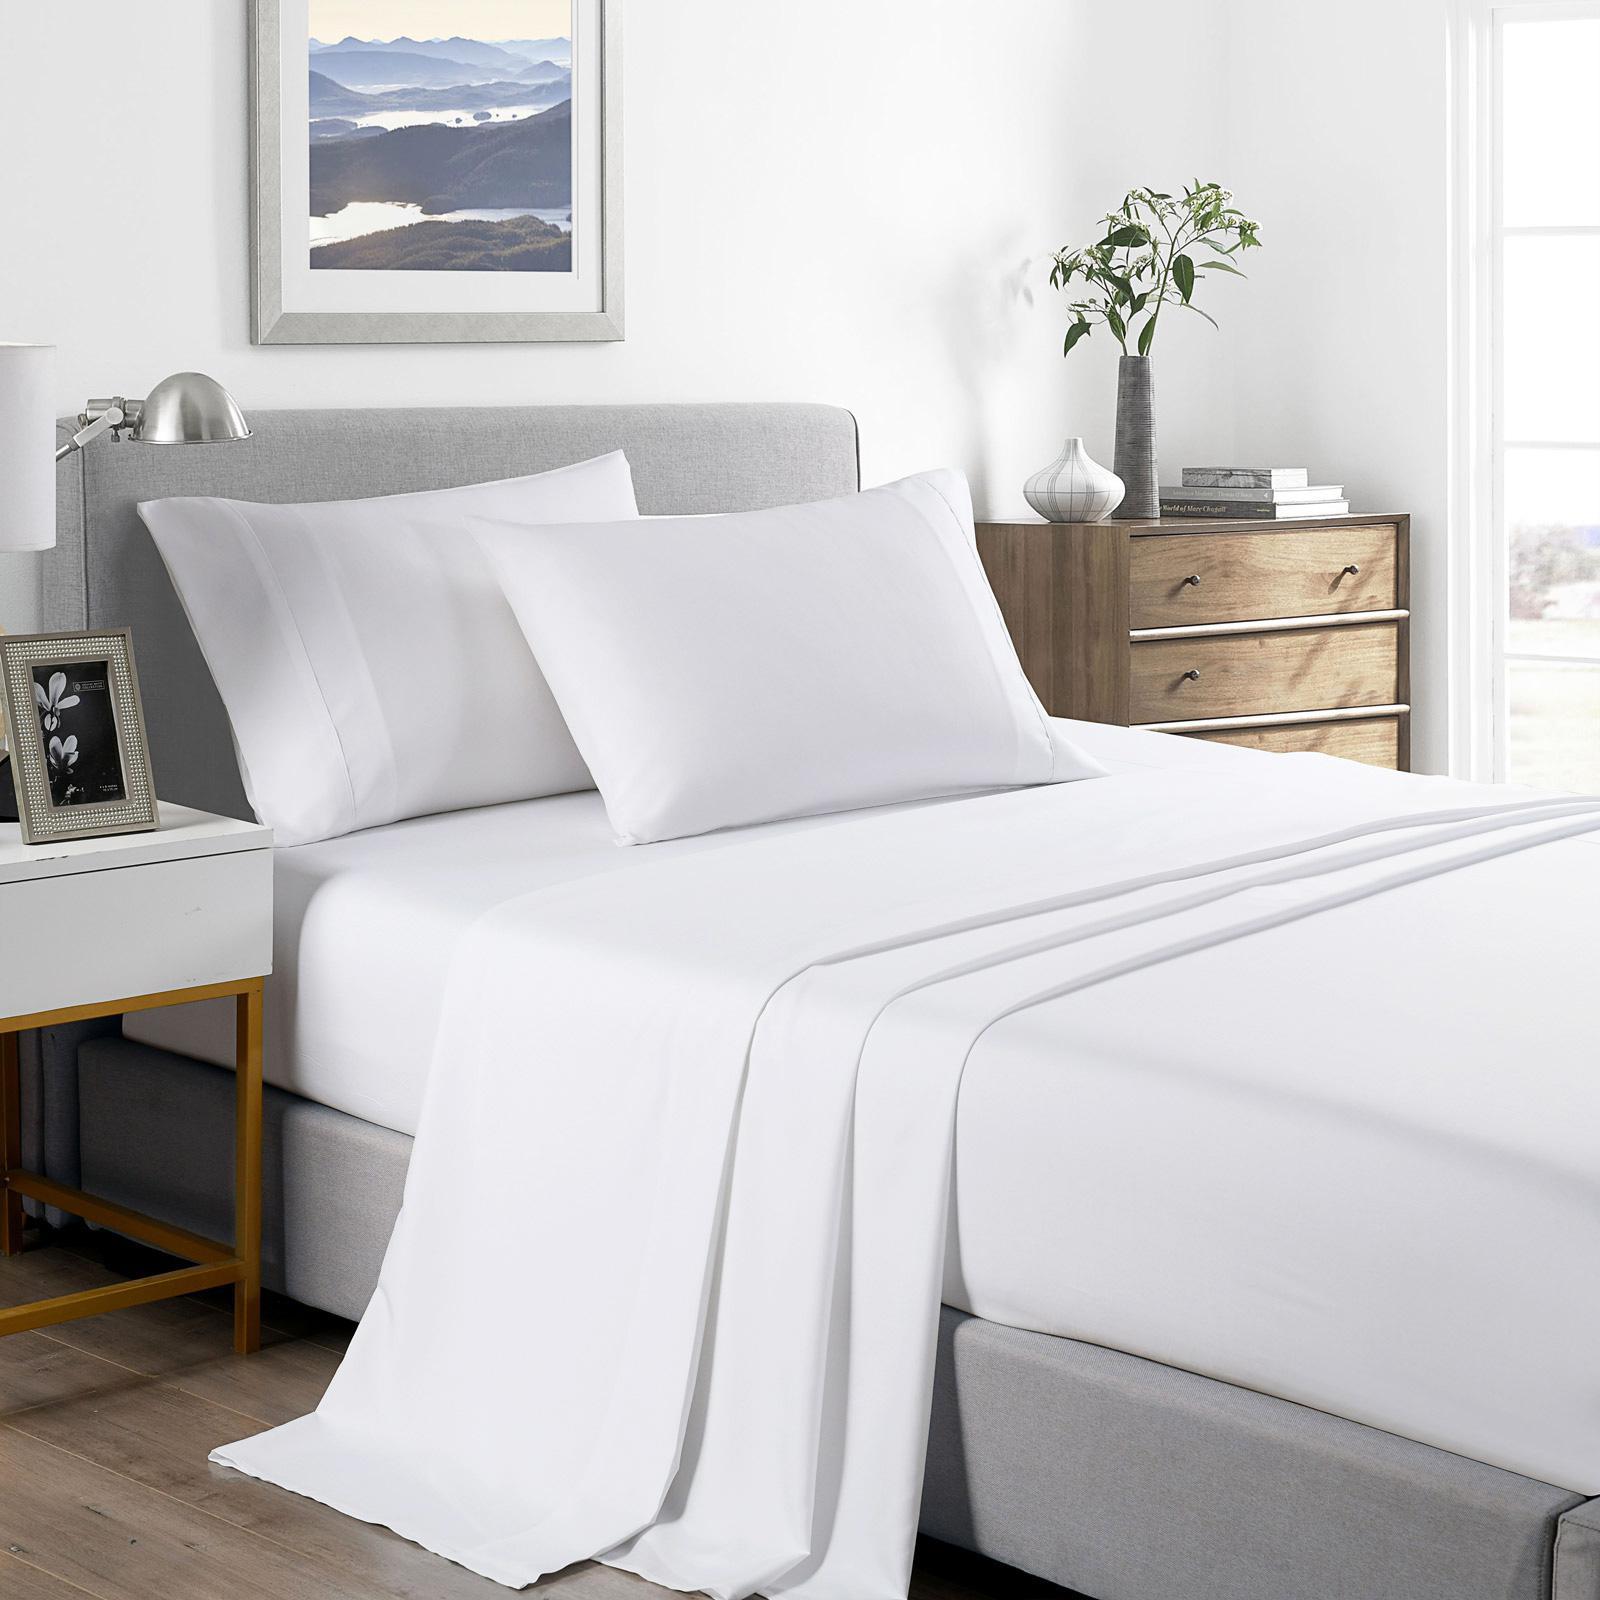 Casa Decor 2000 Thread Count Bamboo Cooling Sheet Set Ultra Soft Bedding Queen White Matt Blatt